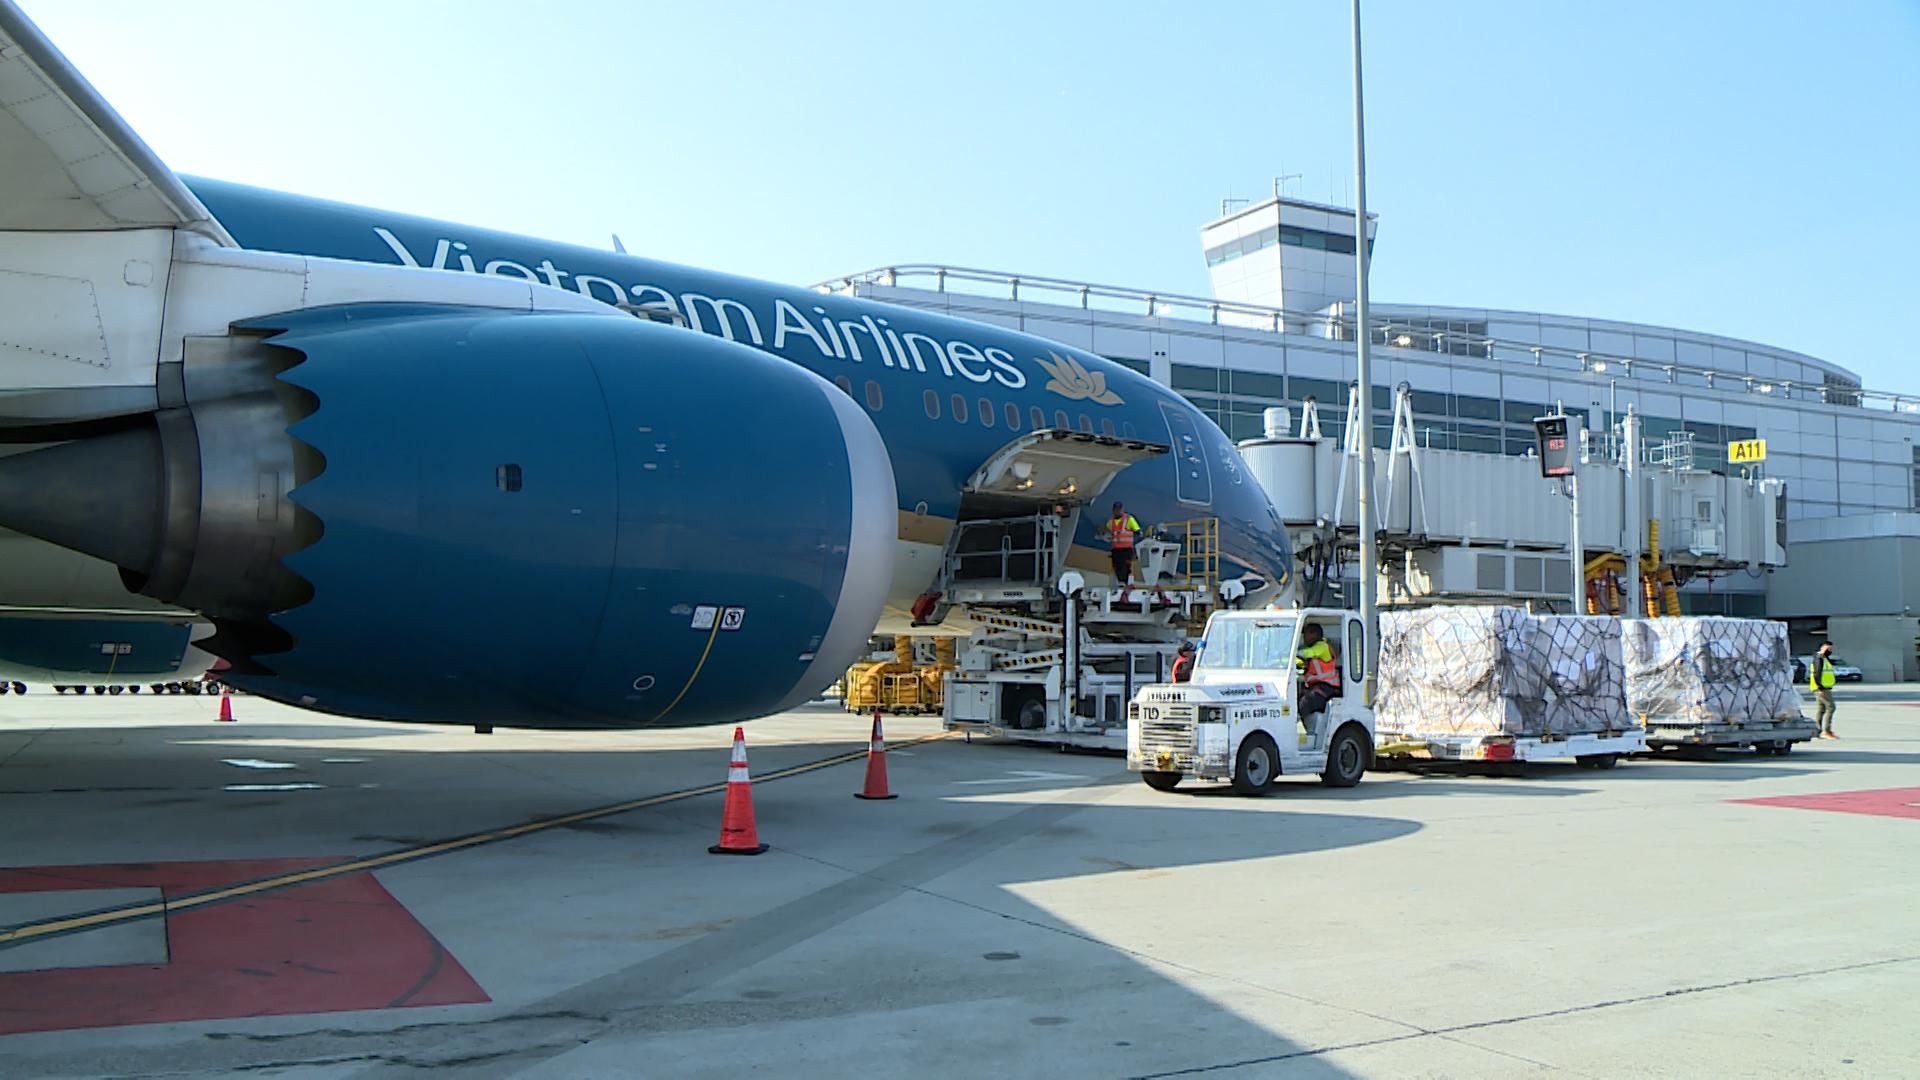 Áp giá sàn vé máy bay, doanh nghiệp lo lắng sẽ cản trở công nhân trở lại nhà máy - Ảnh 1.